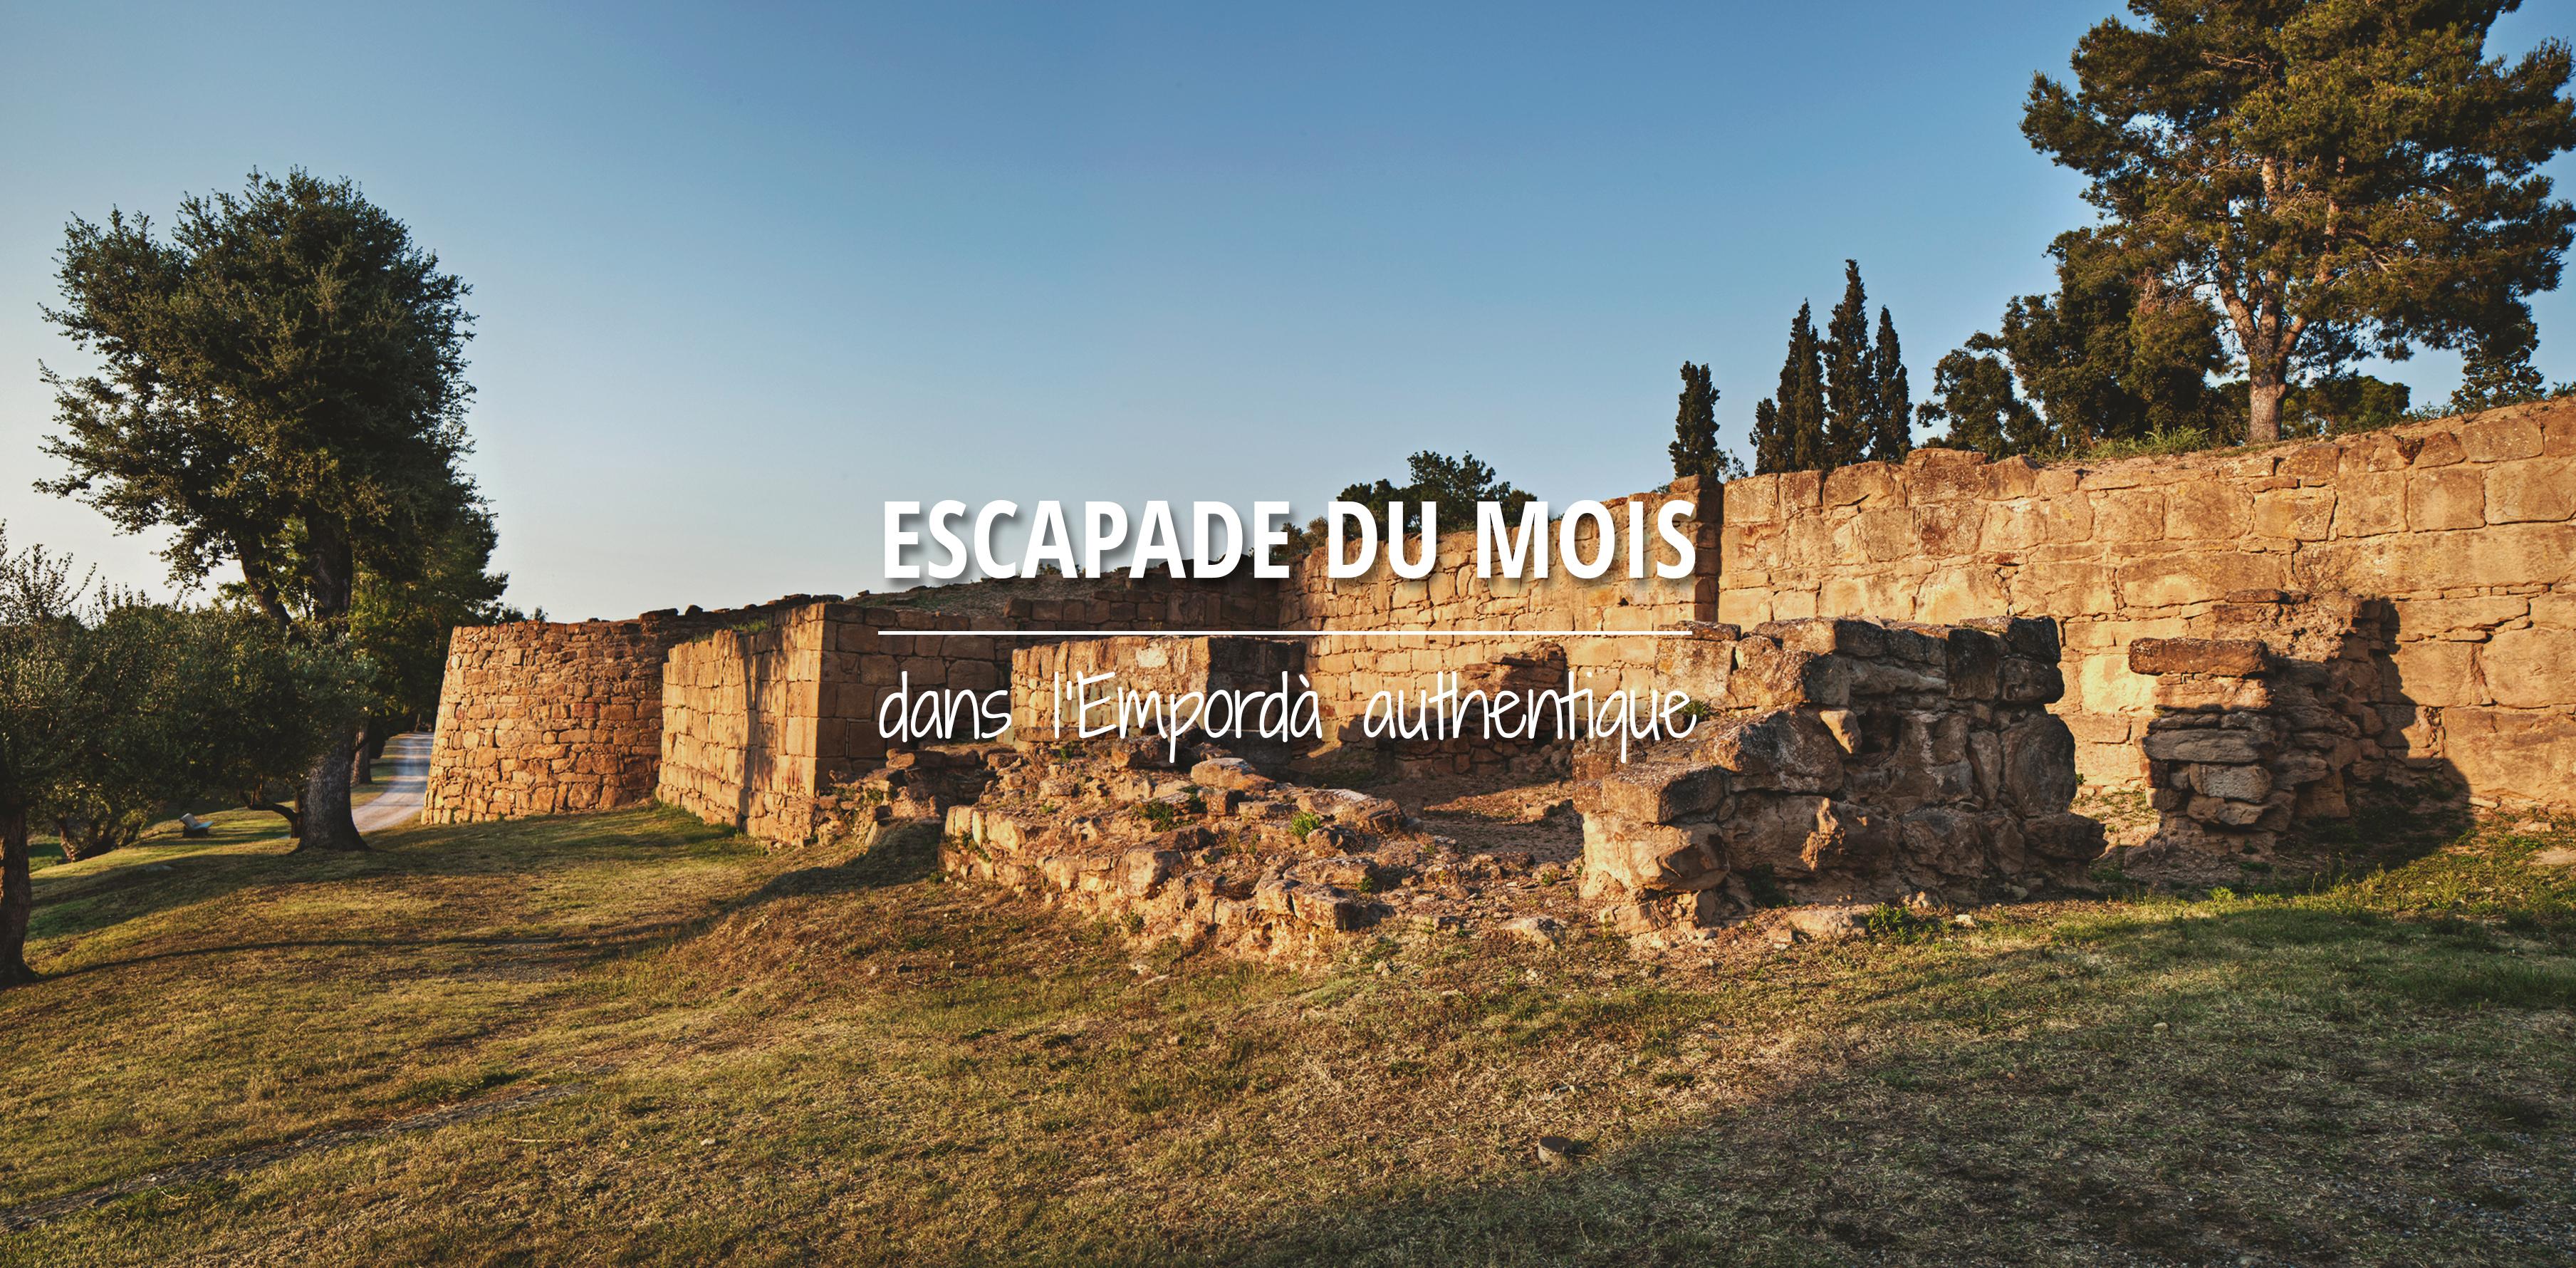 Escapade du mois dans l'Empordà authentique